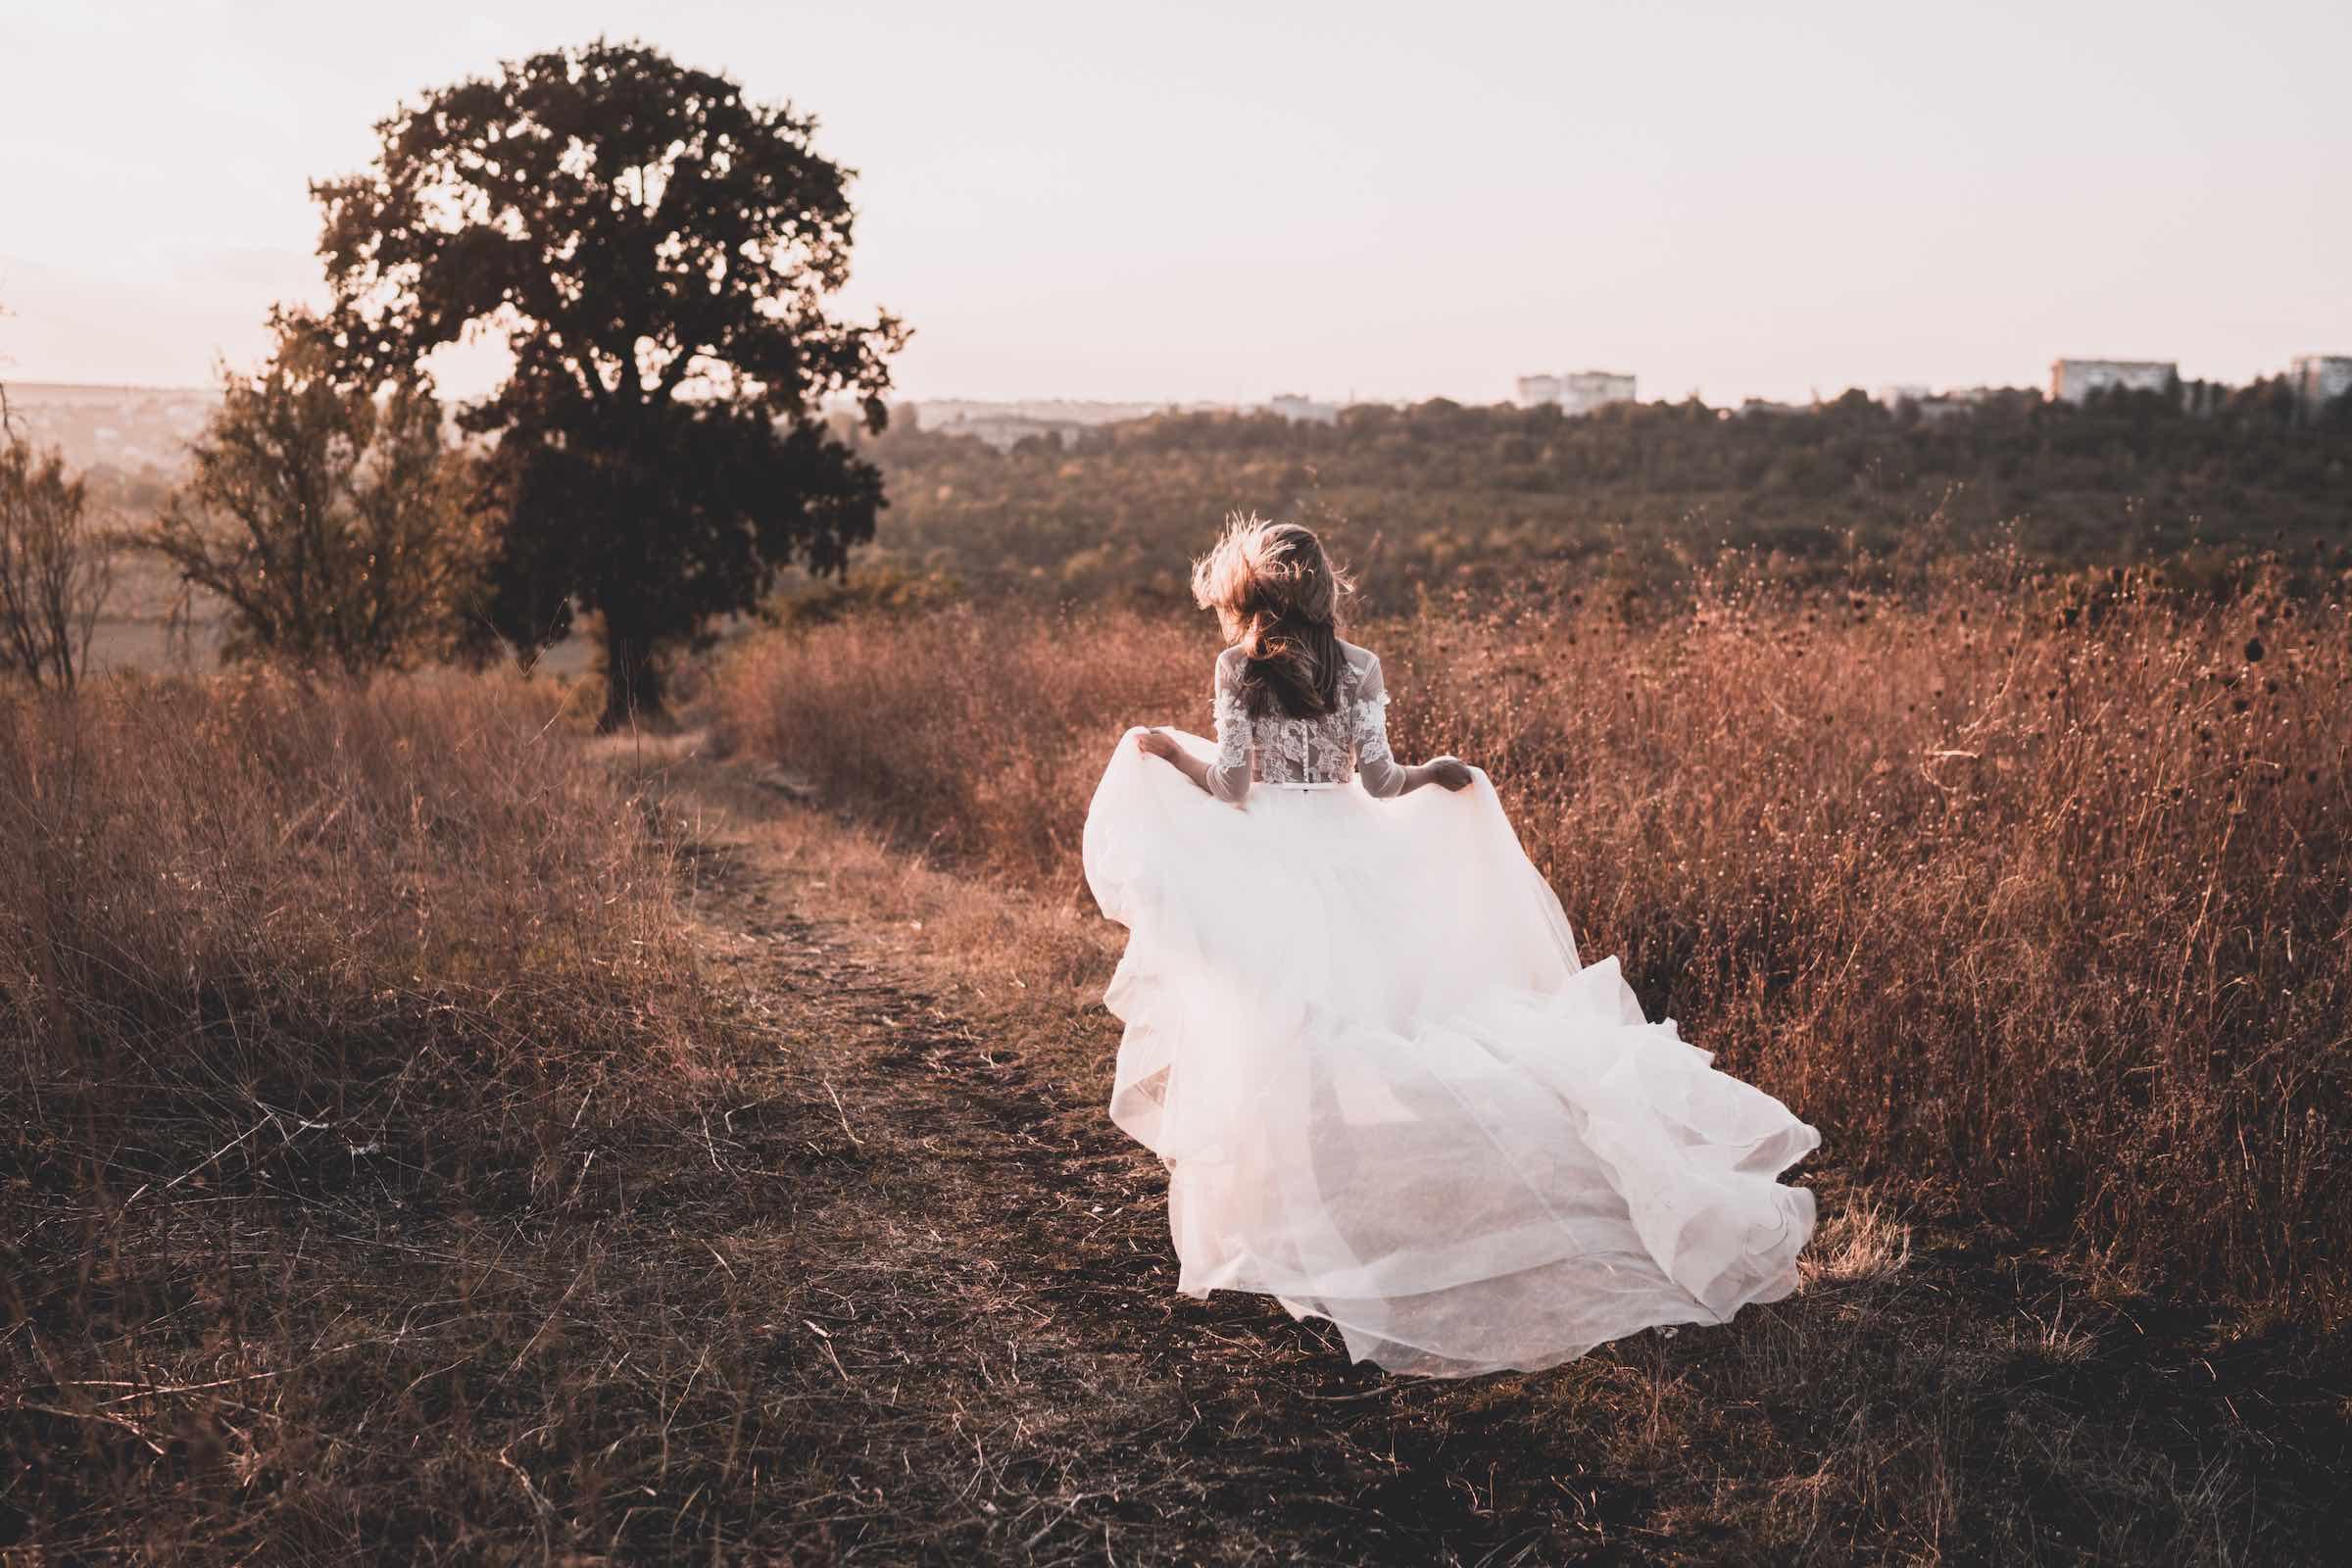 Fotograf |Hochzeit |Hochzeitsreportage |Hameln |Hildesheim |Hannover |Celle |Peine |Fotograf |Braunschweig |Hochzeit |Hochzeitsfotografie |Fotografie |Mieten |Buchen |Lehmann |Eventservice